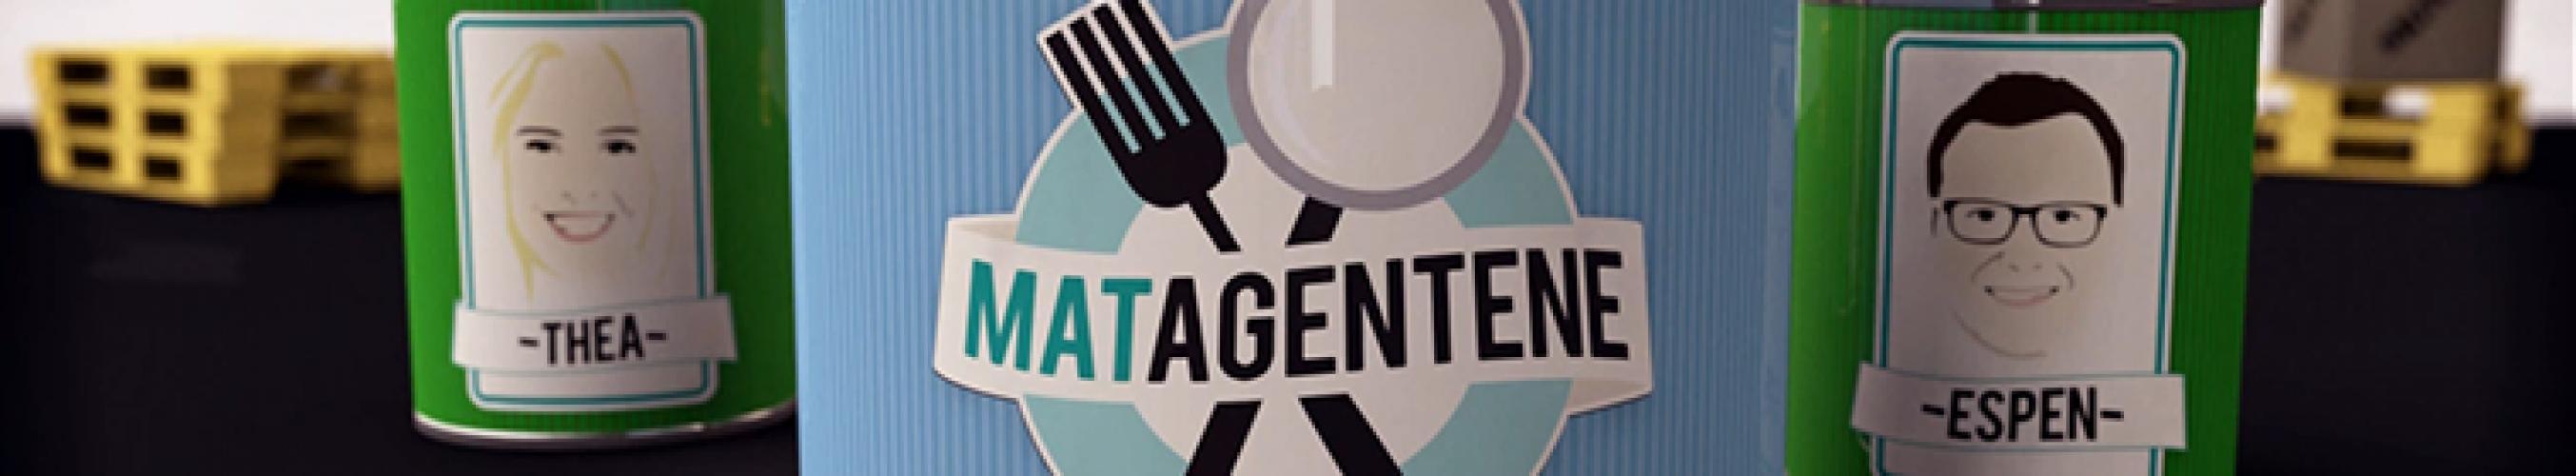 Matagentene next episode air date poster